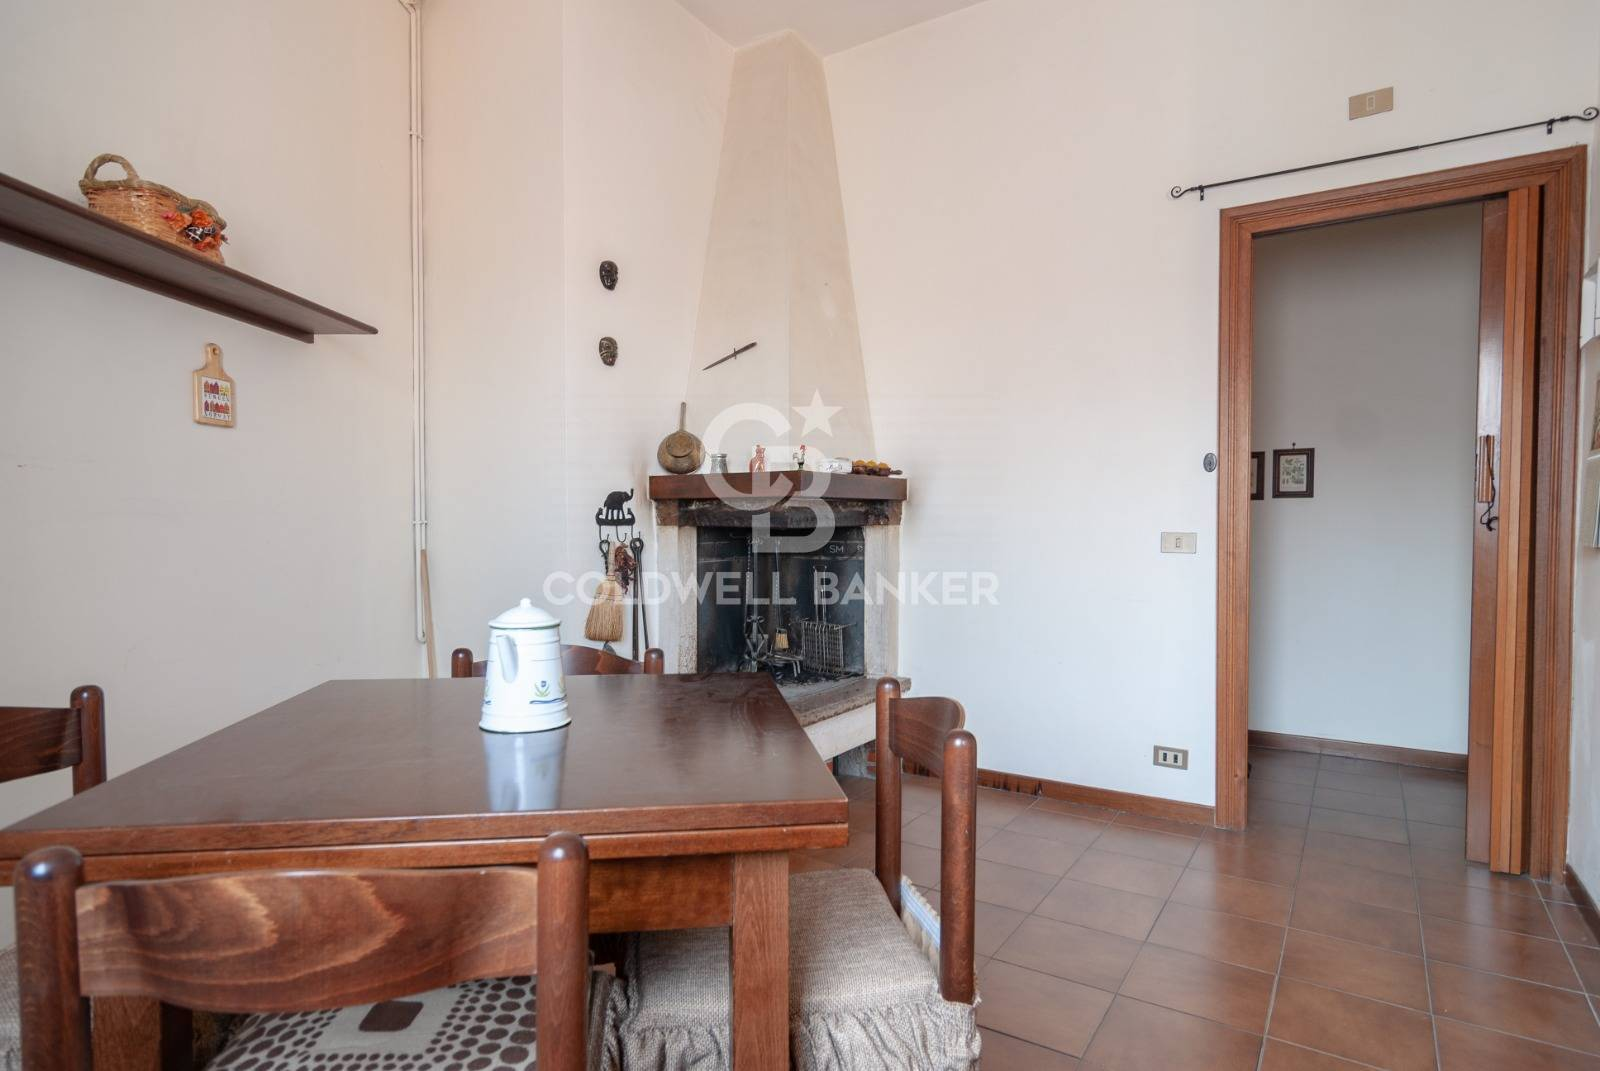 Appartamento in vendita a Viterbo, 3 locali, zona Zona: Semicentro, prezzo € 115.000 | CambioCasa.it